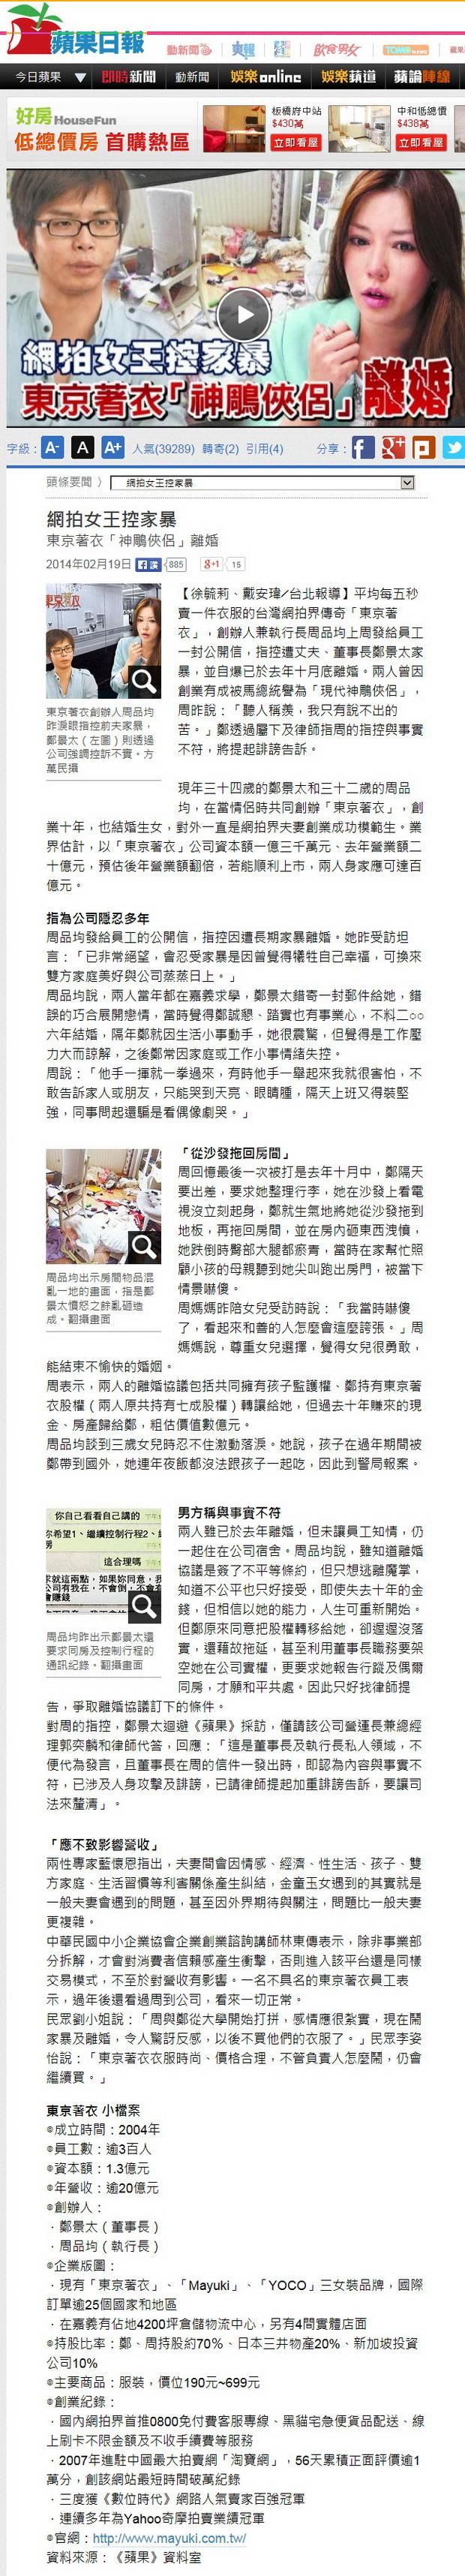 網拍女王控家暴-2014.02.19.jpg